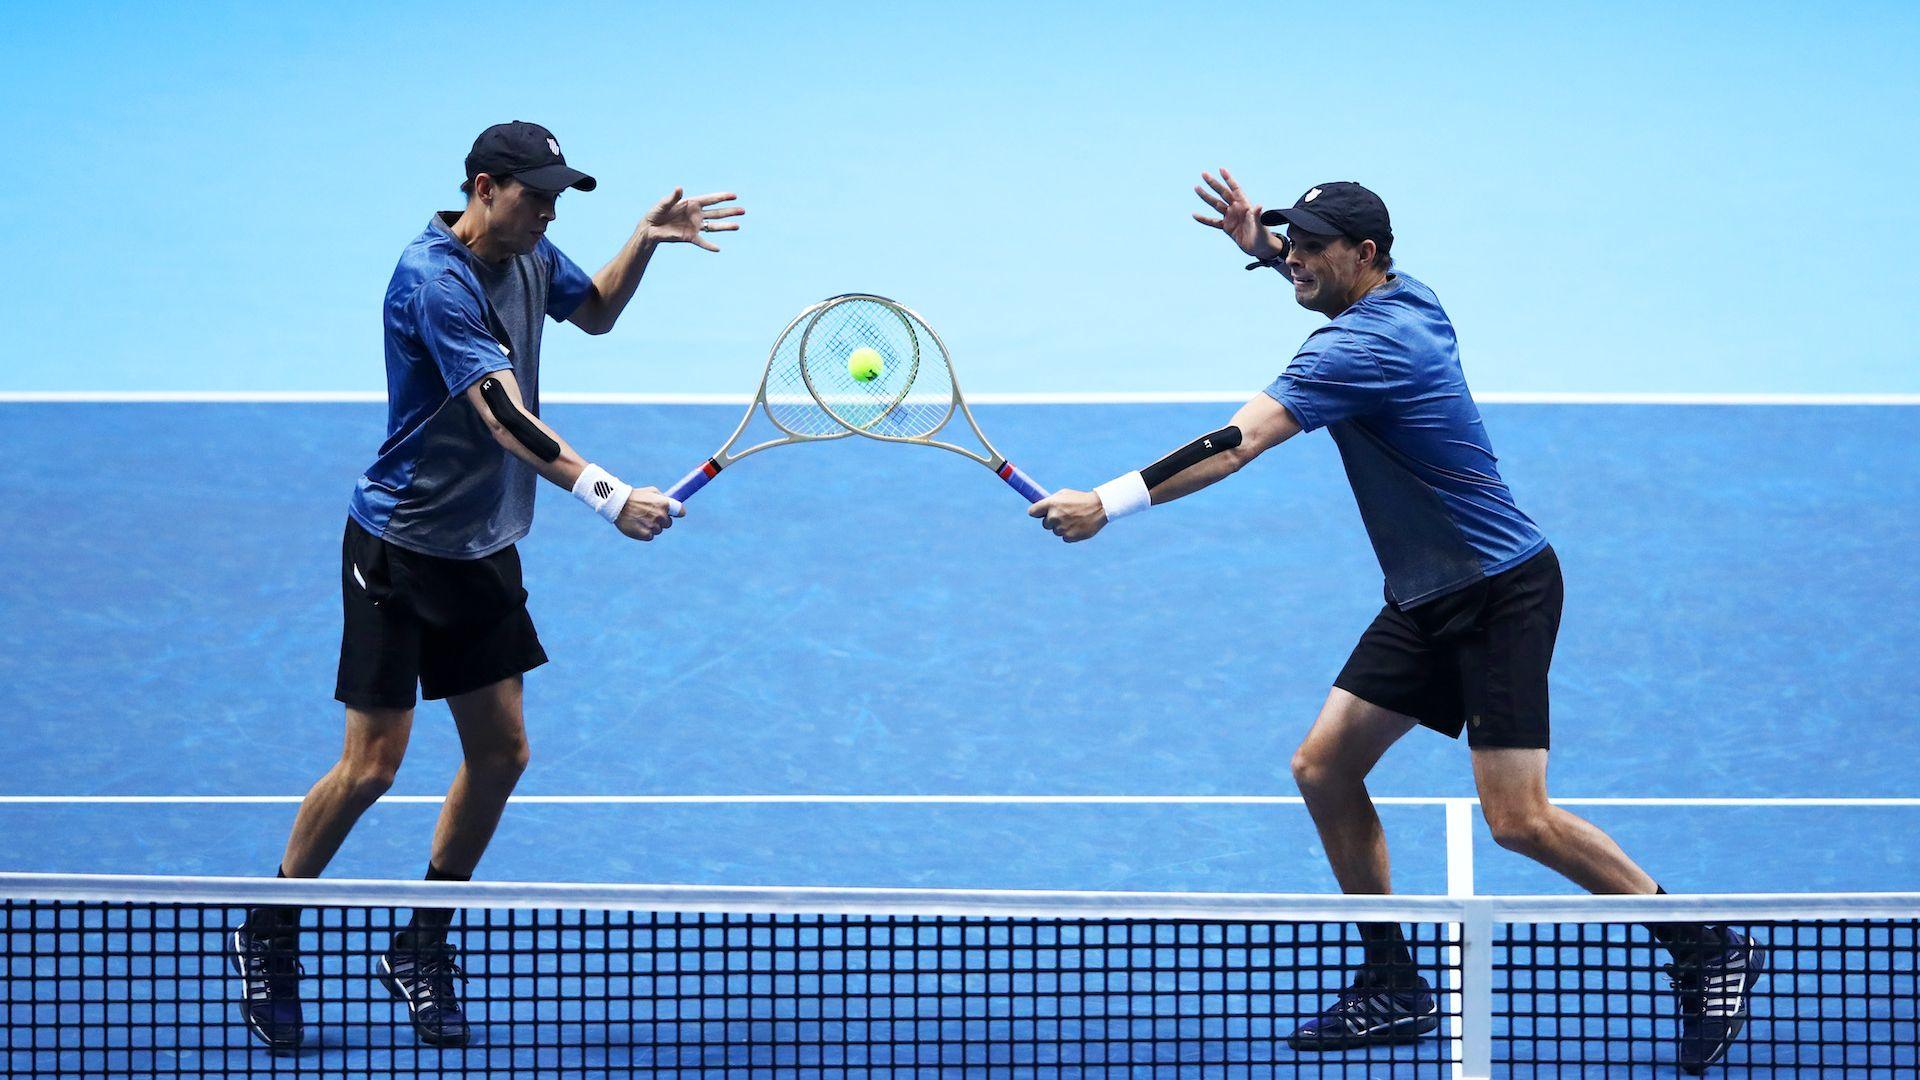 Краят дойде за най-добрите на двойки в историята на тениса